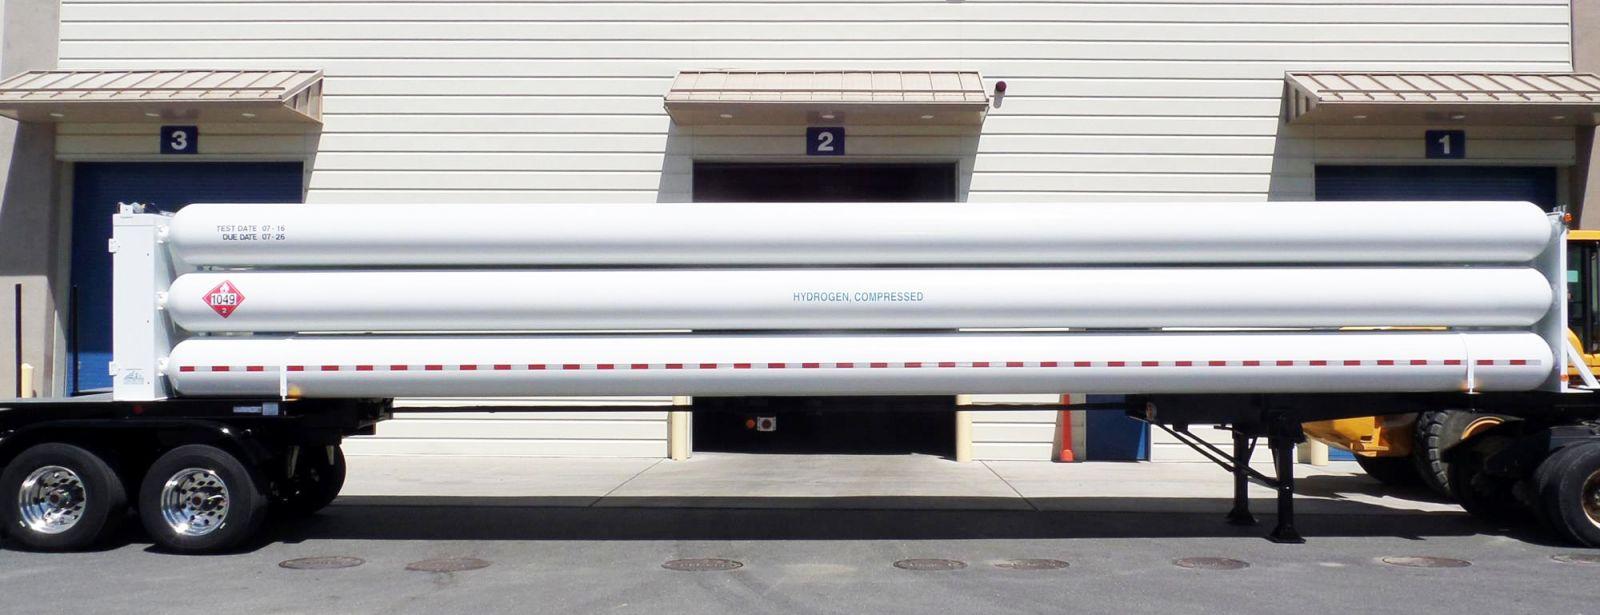 RƠ MOOC BỒN CHỞ GAS LPG - 26T